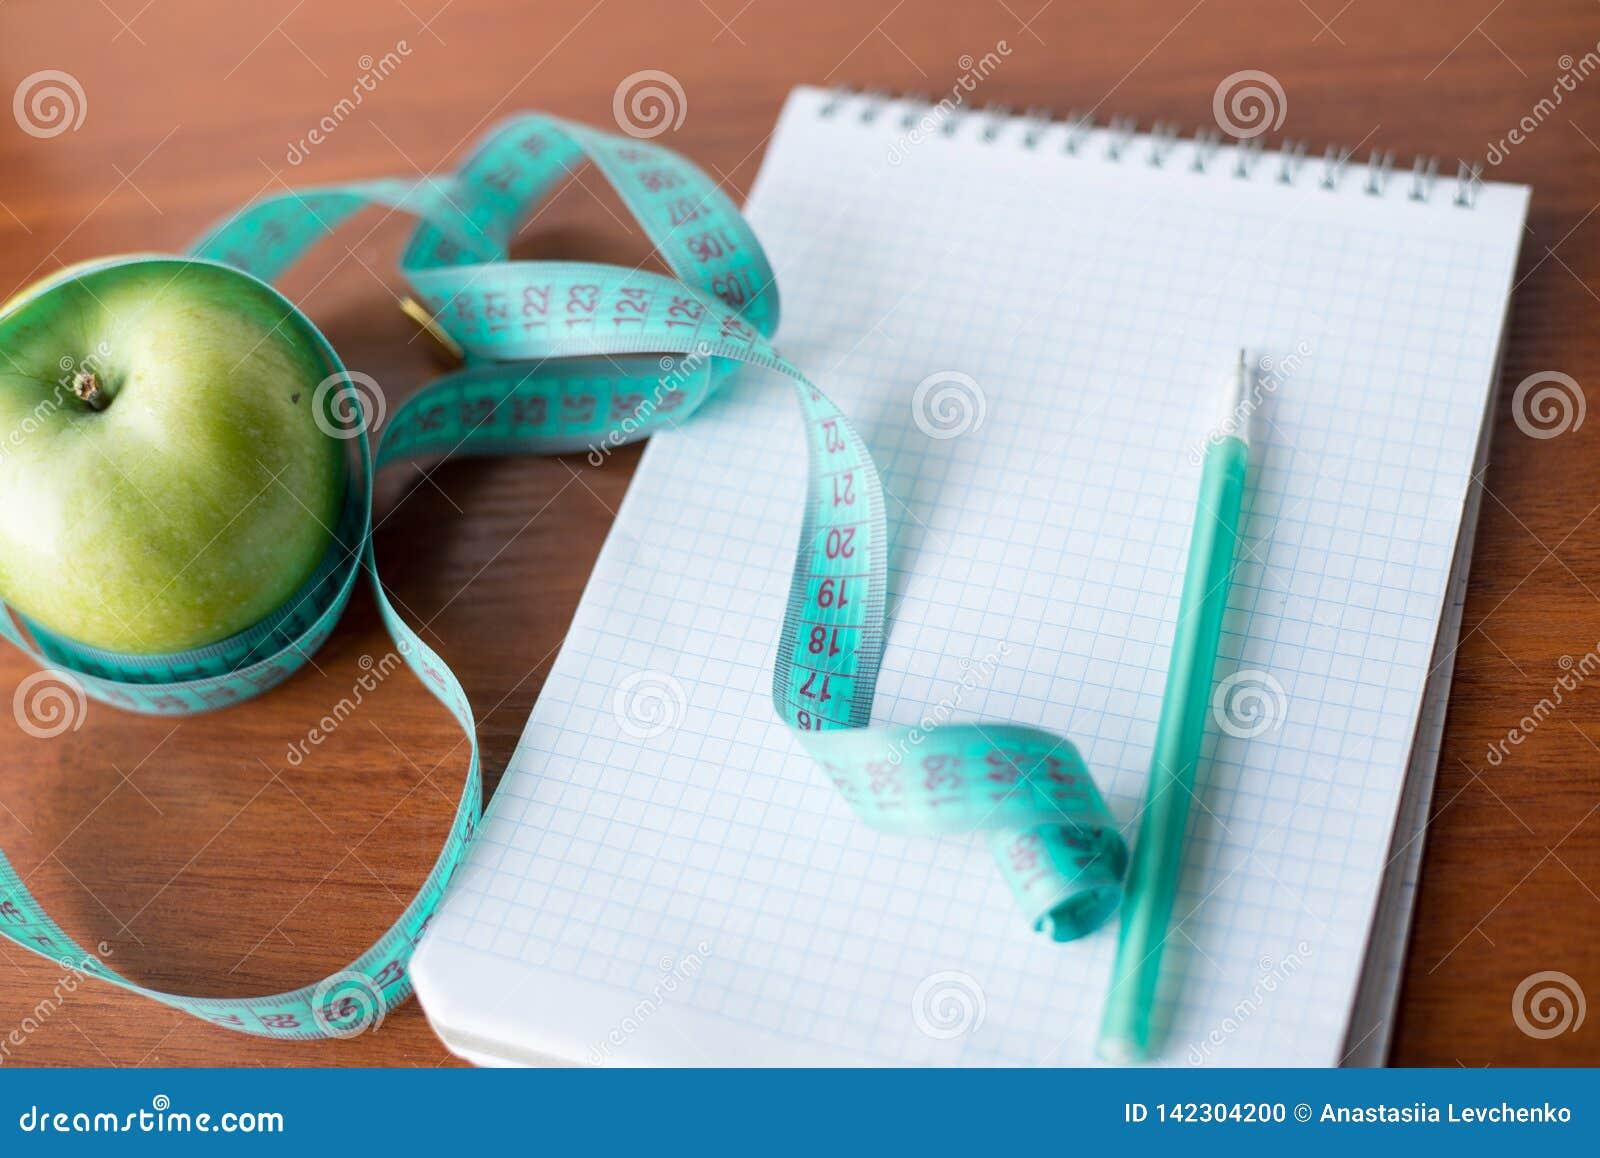 Planification d un régime Un carnet c une inscription - le régime, une bande de mesure, une pomme et stylo